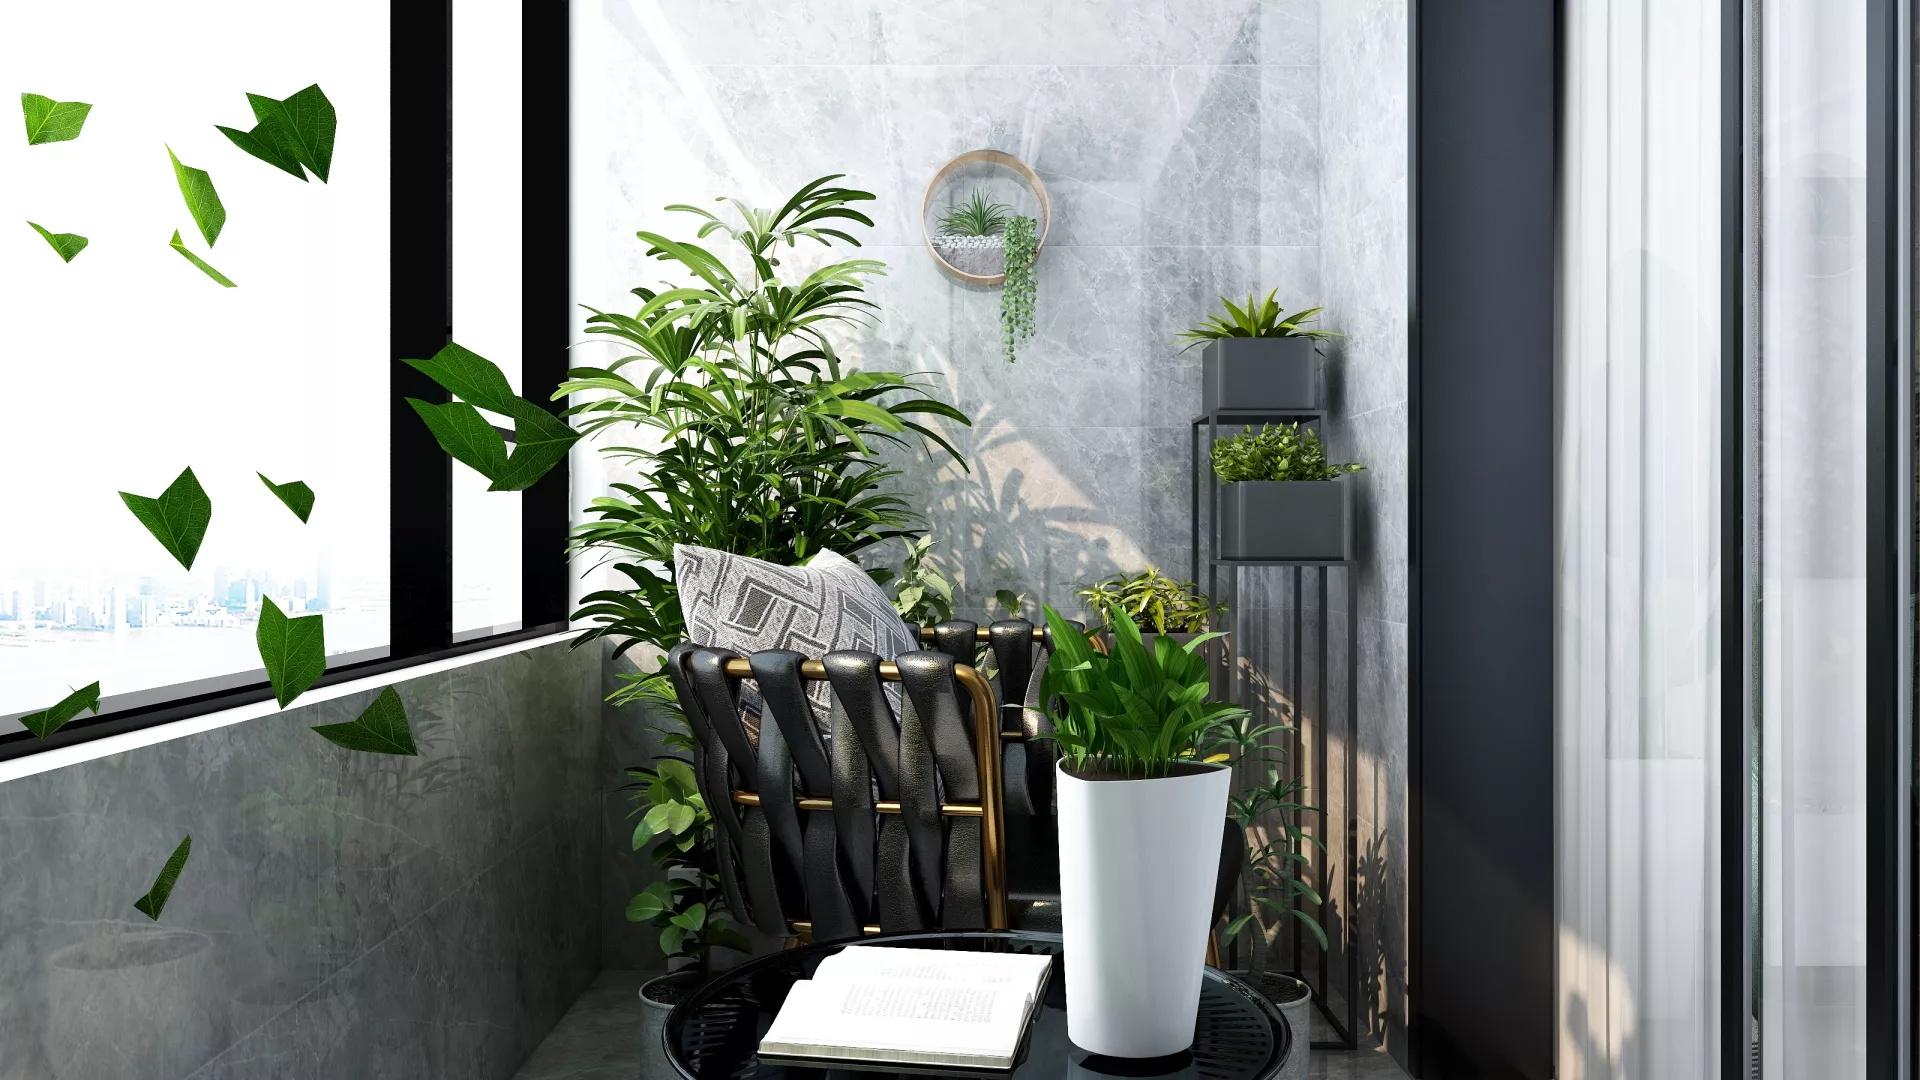 家居裝飾鏡子如何擺放 家居裝飾鏡子擺放風水